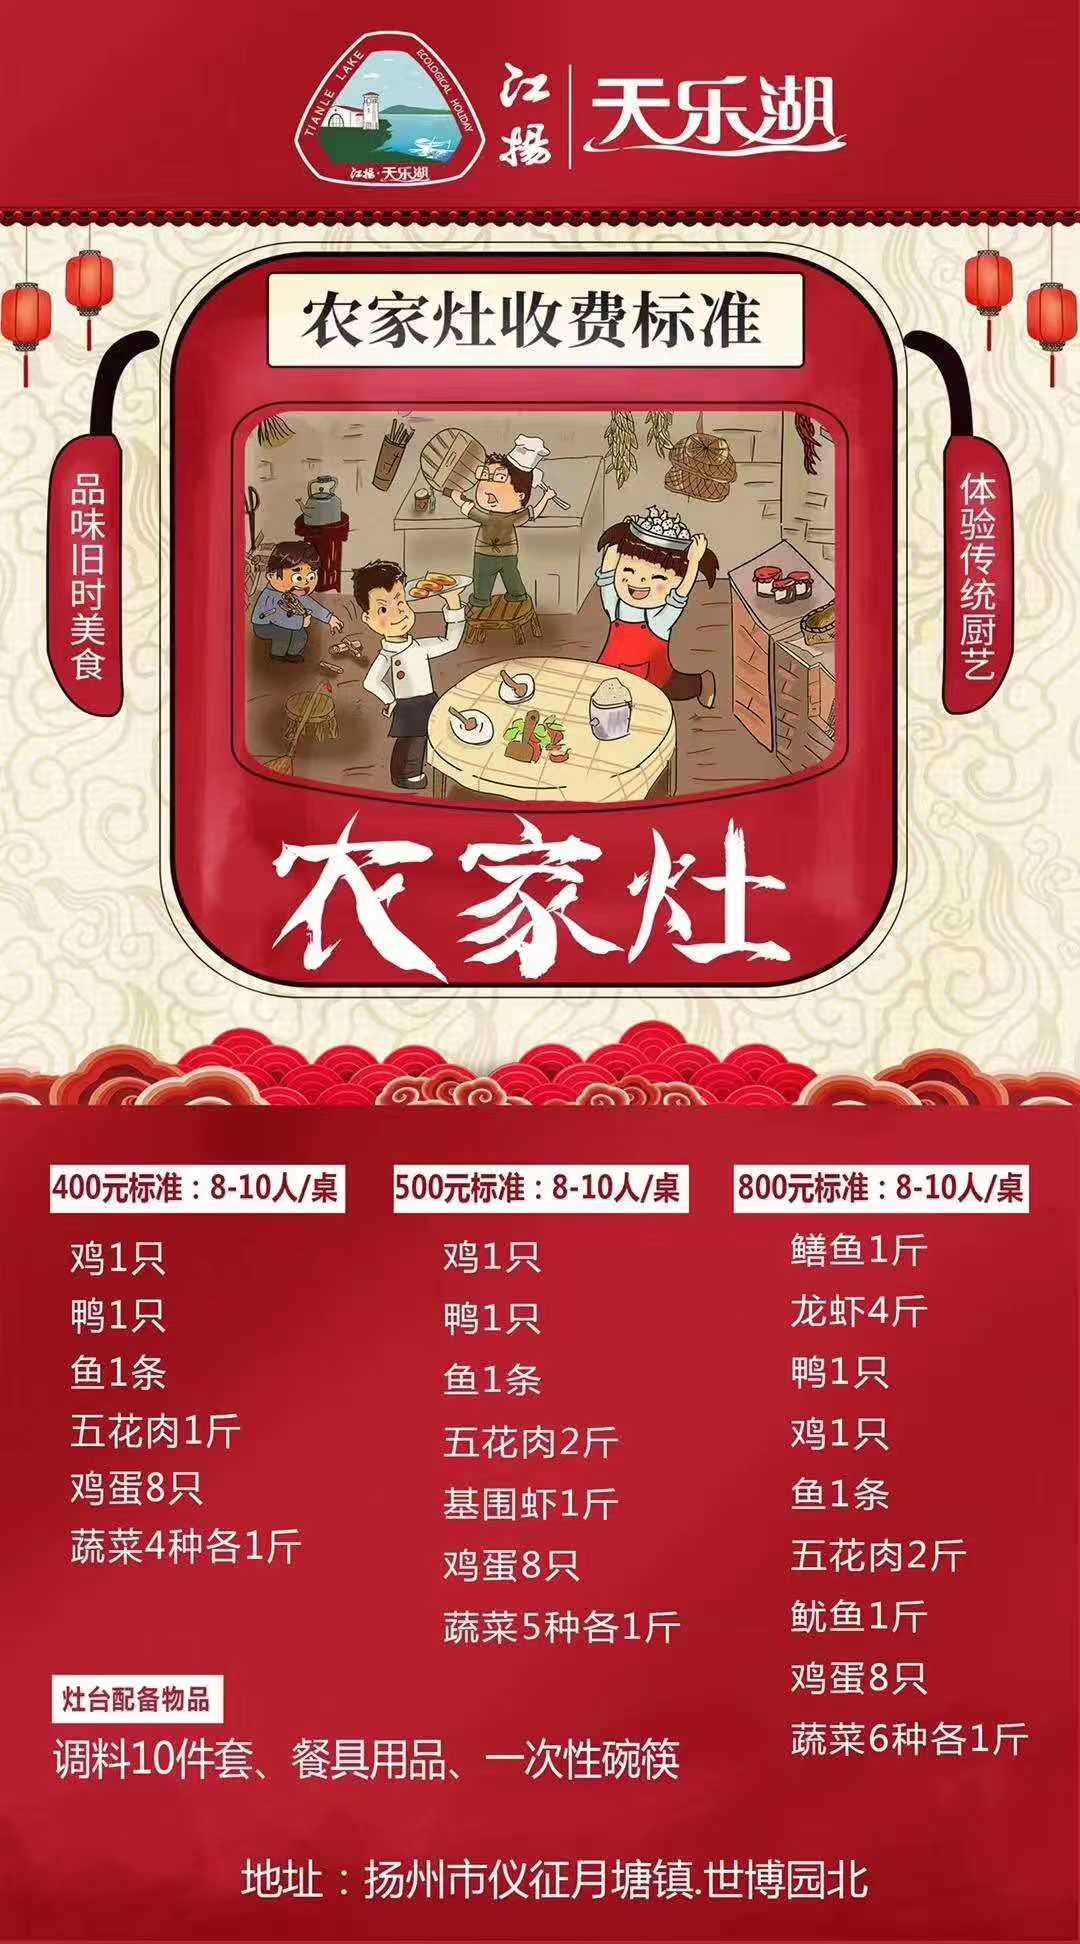 【餐厅与酒店】仪征江扬天乐湖旅游度假区